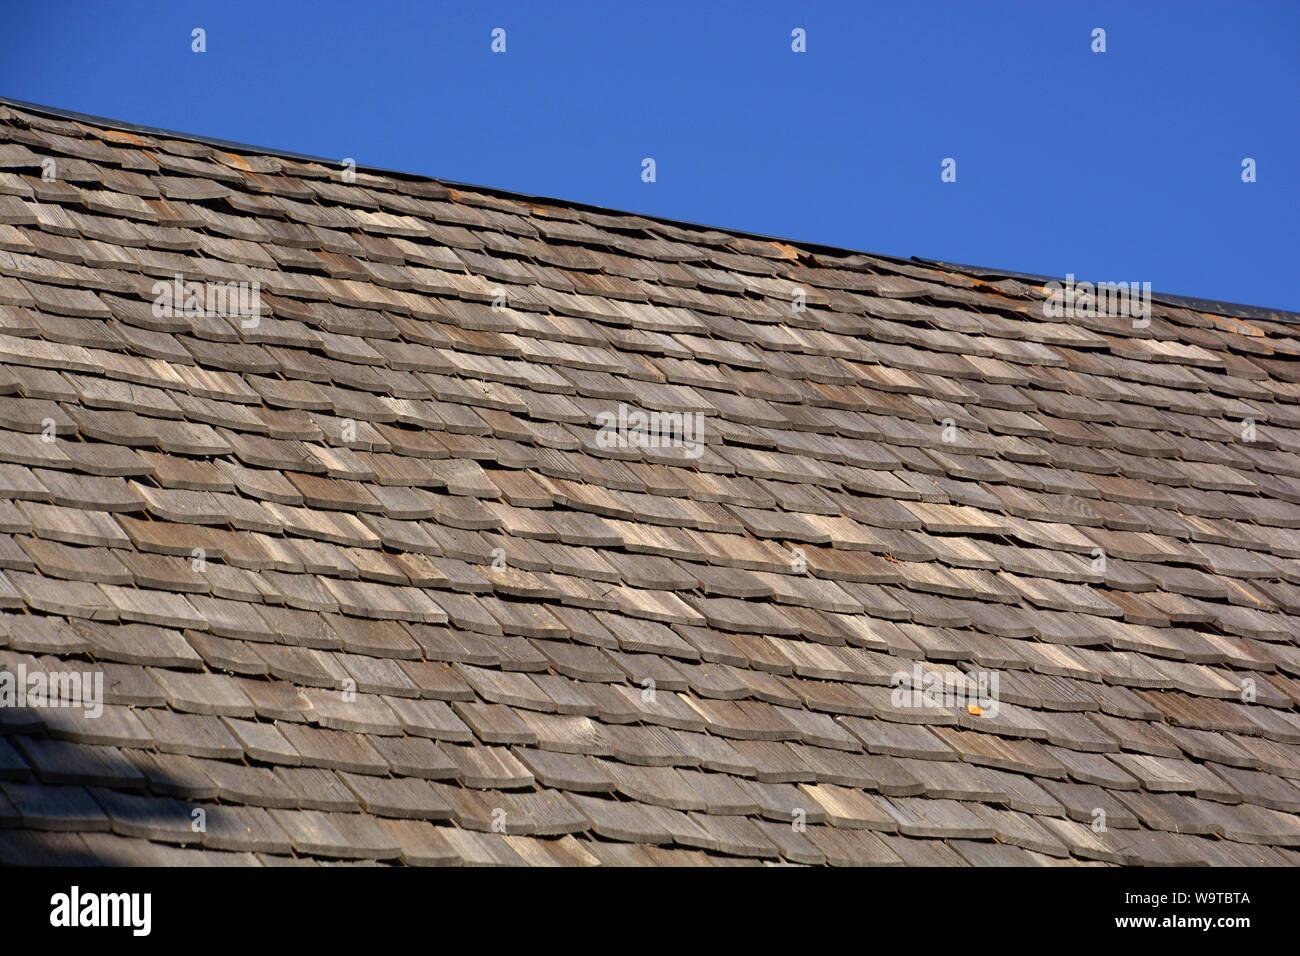 Wood Shingle Stock Photos & Wood Shingle Stock Images - Alamy